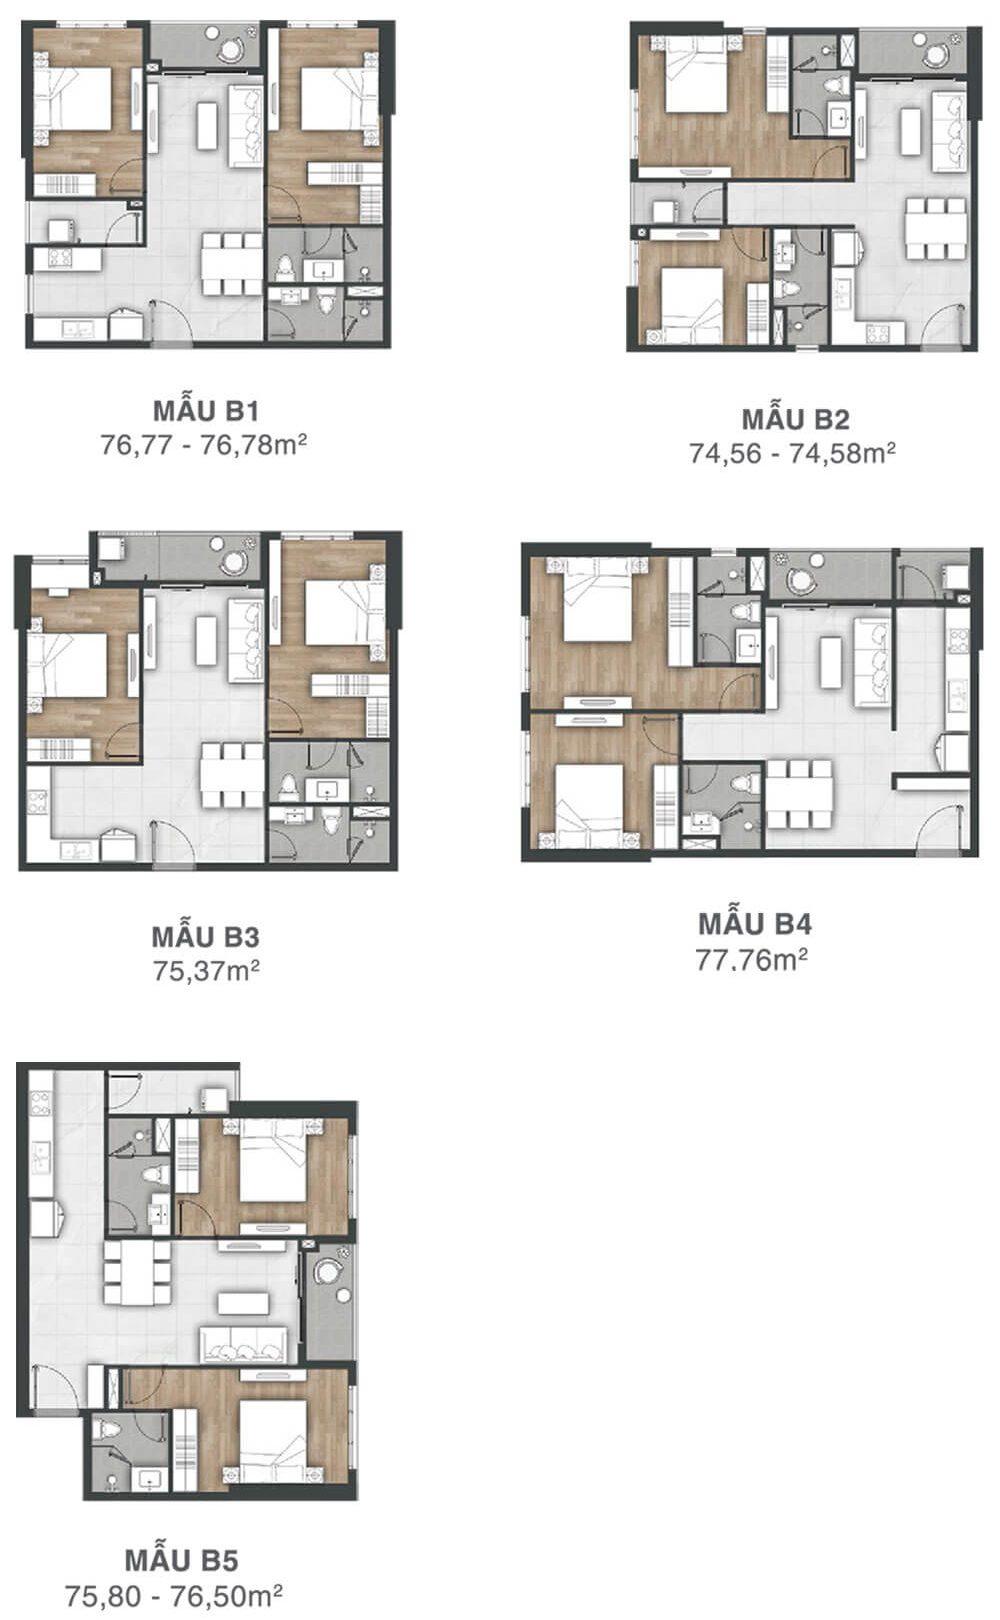 thiết kế căn hộ dự án Vung Tau Pearl